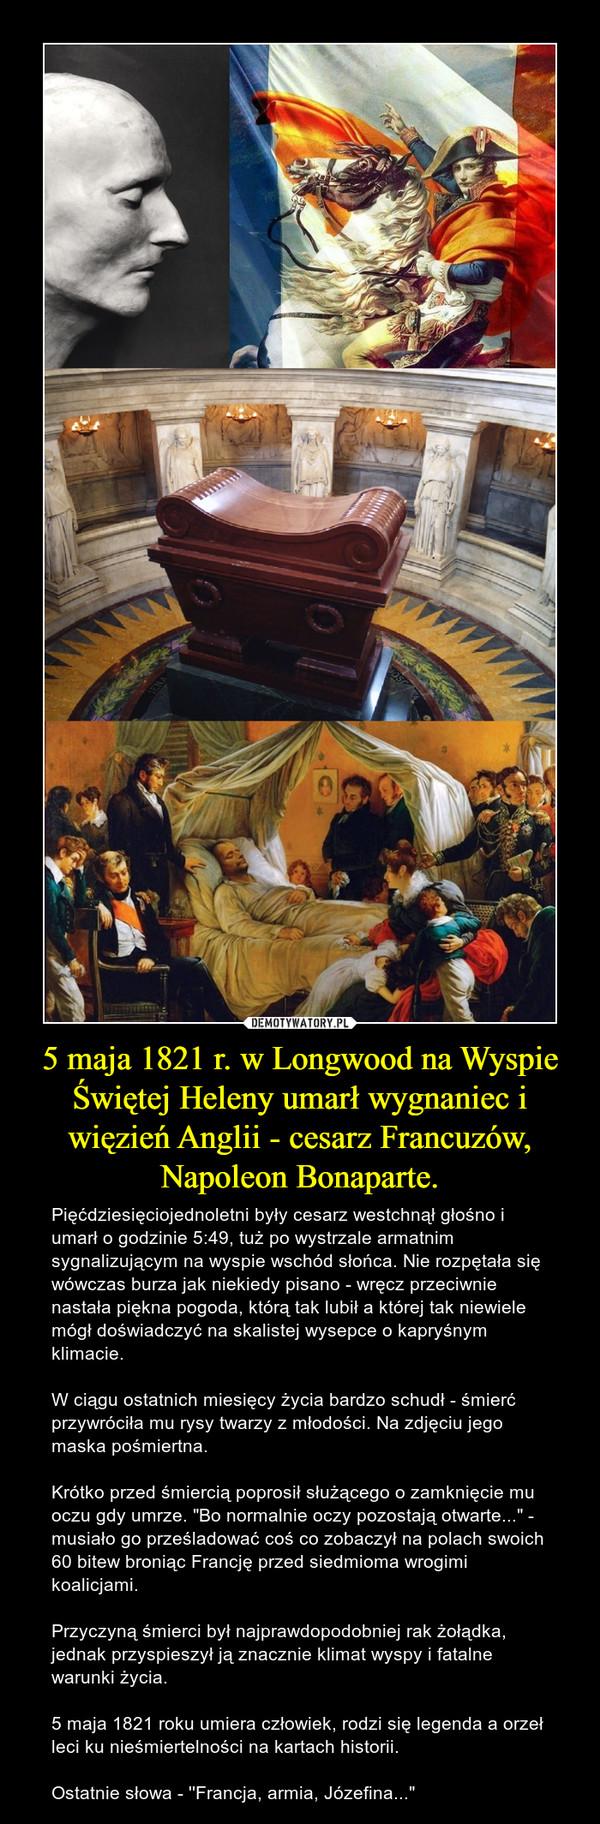 """5 maja 1821 r. w Longwood na Wyspie Świętej Heleny umarł wygnaniec i więzień Anglii - cesarz Francuzów, Napoleon Bonaparte. – Pięćdziesięciojednoletni były cesarz westchnął głośno i umarł o godzinie 5:49, tuż po wystrzale armatnim sygnalizującym na wyspie wschód słońca. Nie rozpętała się wówczas burza jak niekiedy pisano - wręcz przeciwnie nastała piękna pogoda, którą tak lubił a której tak niewiele mógł doświadczyć na skalistej wysepce o kapryśnym klimacie.W ciągu ostatnich miesięcy życia bardzo schudł - śmierć przywróciła mu rysy twarzy z młodości. Na zdjęciu jego maska pośmiertna.Krótko przed śmiercią poprosił służącego o zamknięcie mu oczu gdy umrze. """"Bo normalnie oczy pozostają otwarte..."""" - musiało go prześladować coś co zobaczył na polach swoich 60 bitew broniąc Francję przed siedmioma wrogimi koalicjami.Przyczyną śmierci był najprawdopodobniej rak żołądka, jednak przyspieszył ją znacznie klimat wyspy i fatalne warunki życia. 5 maja 1821 roku umiera człowiek, rodzi się legenda a orzeł leci ku nieśmiertelności na kartach historii.Ostatnie słowa - ''Francja, armia, Józefina..."""""""